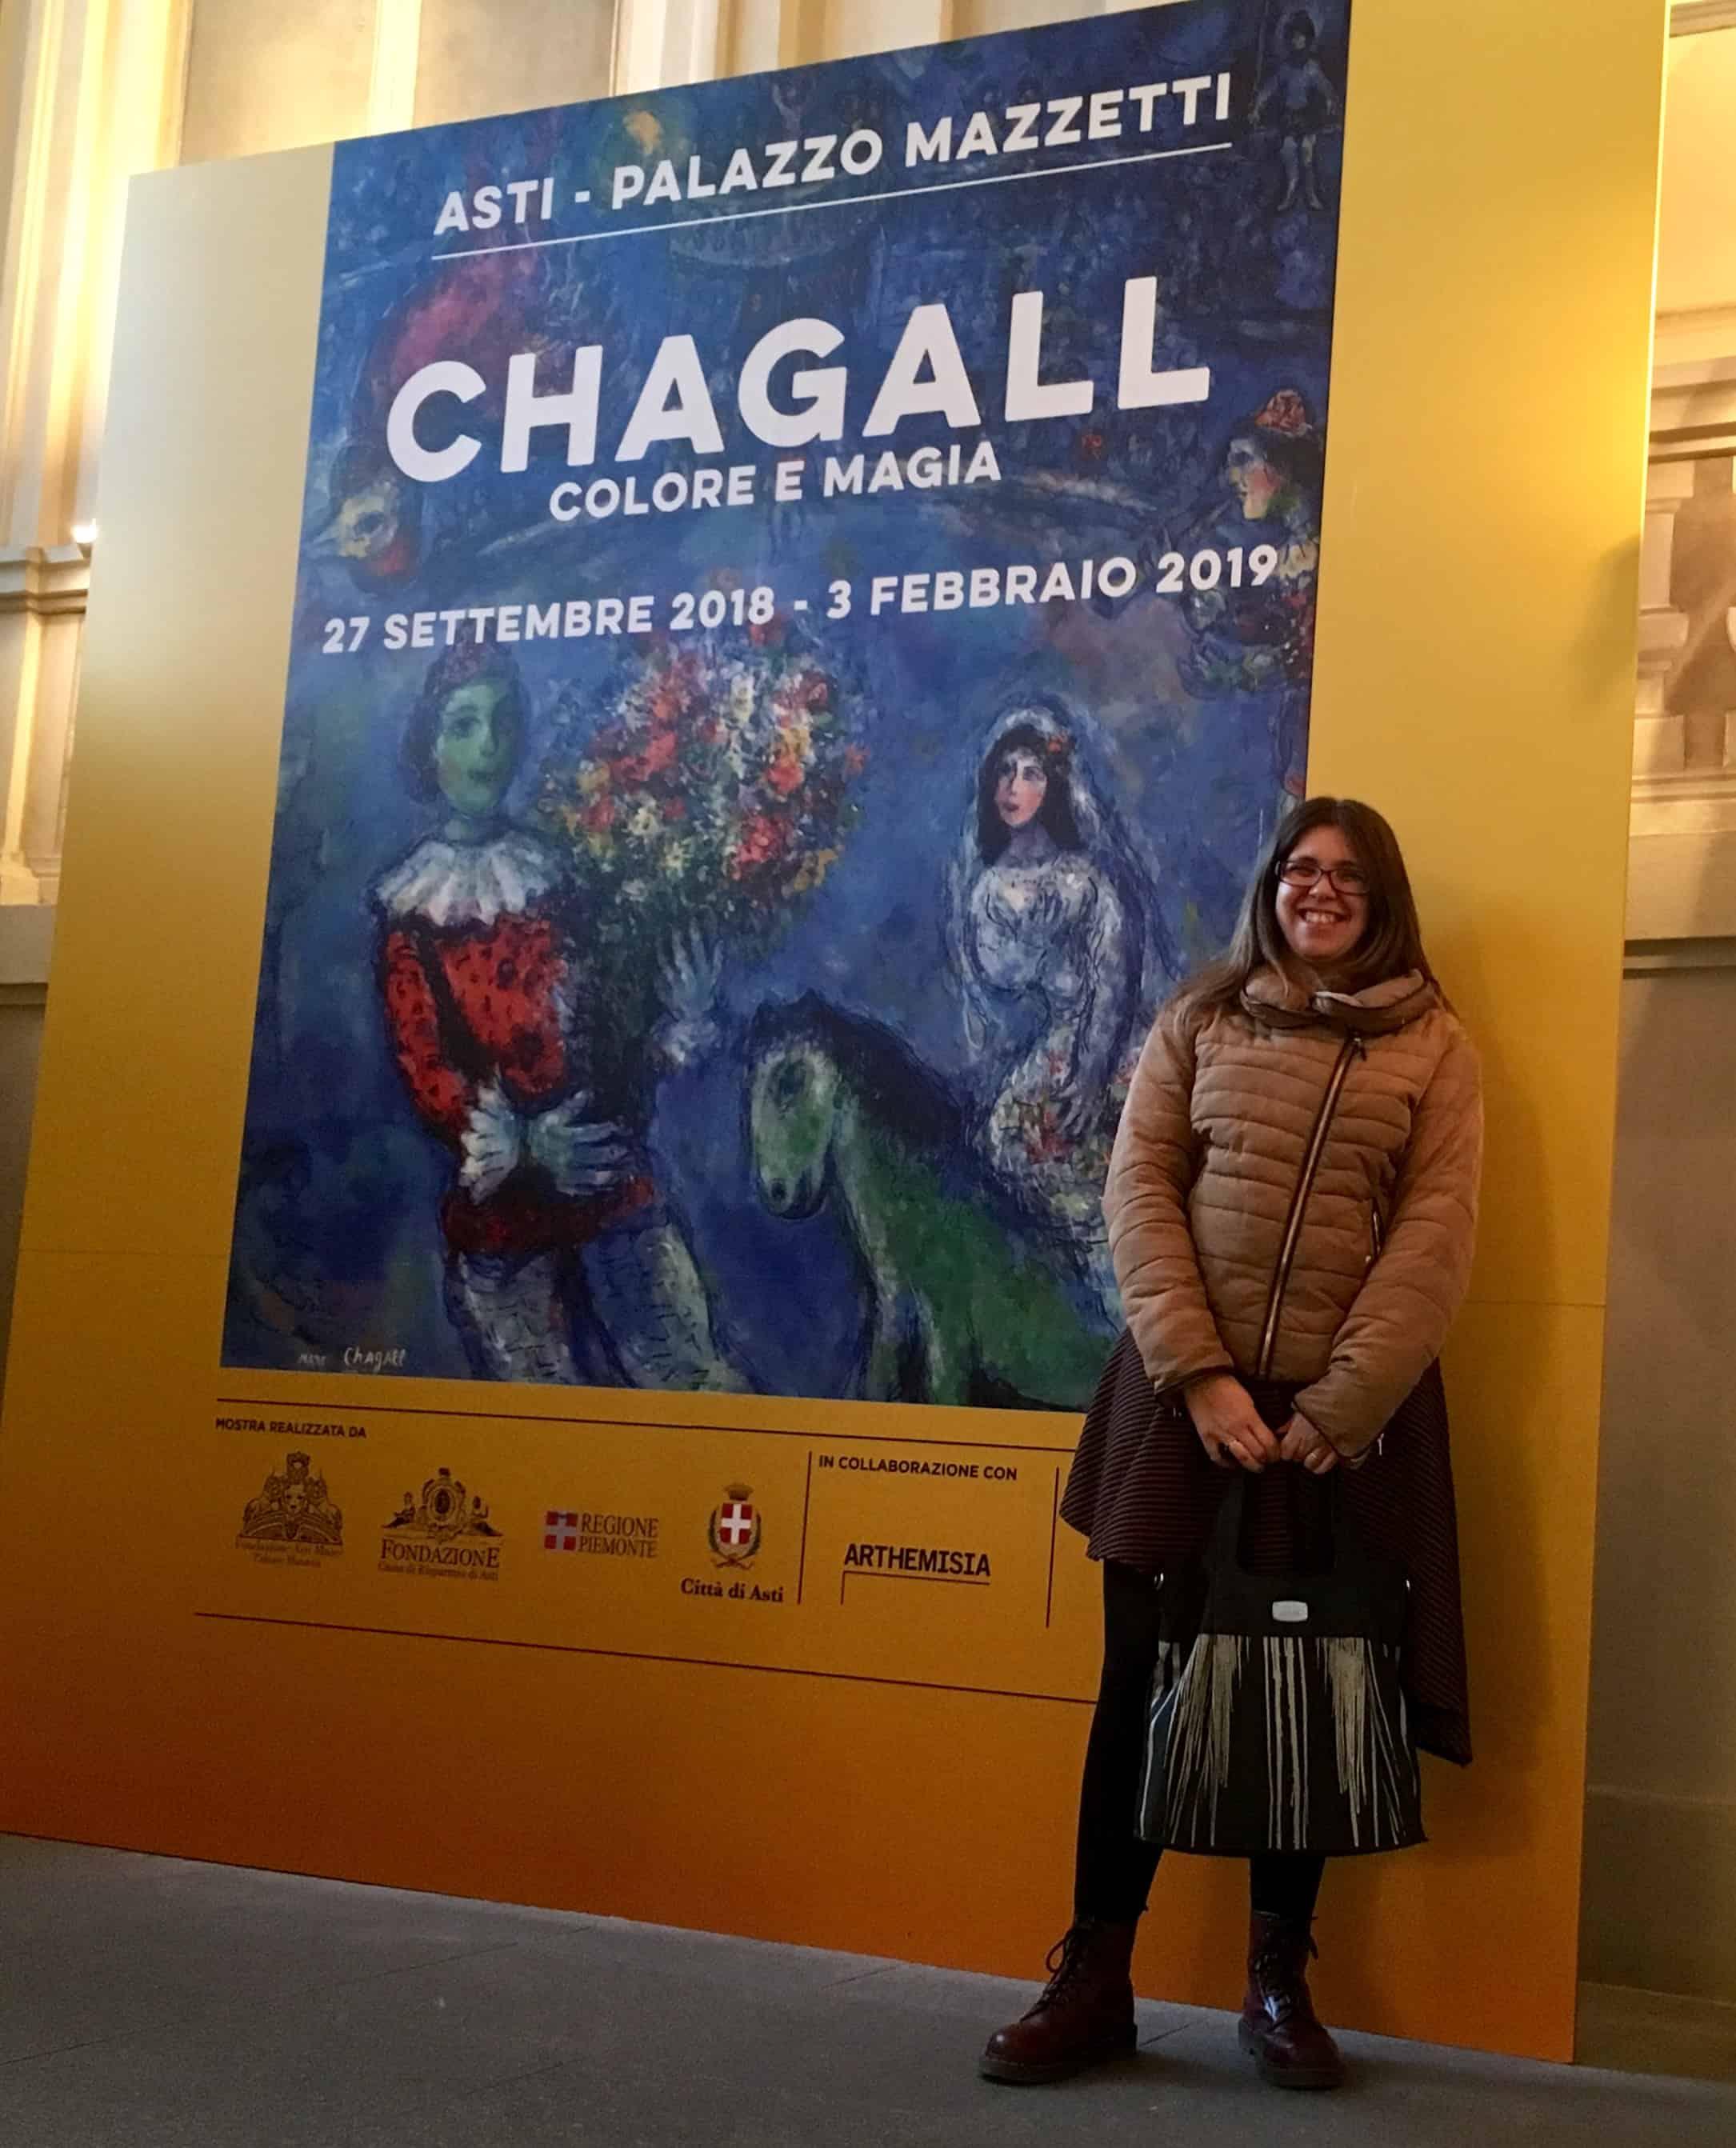 Chagall: Colore e magia